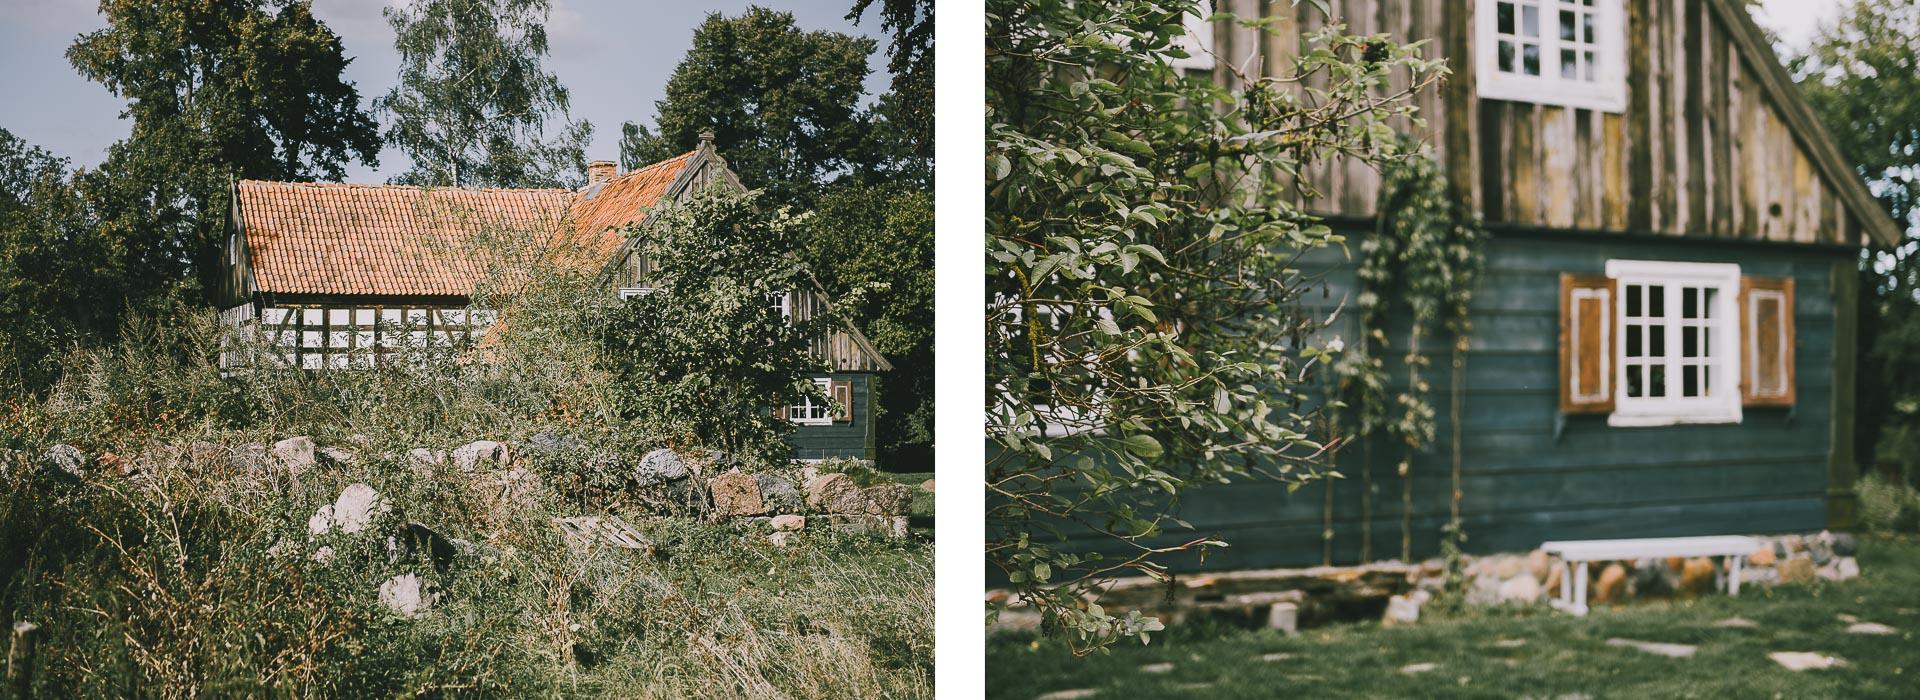 Żuławy Wiślane – szlakiem domów podcieniowych.